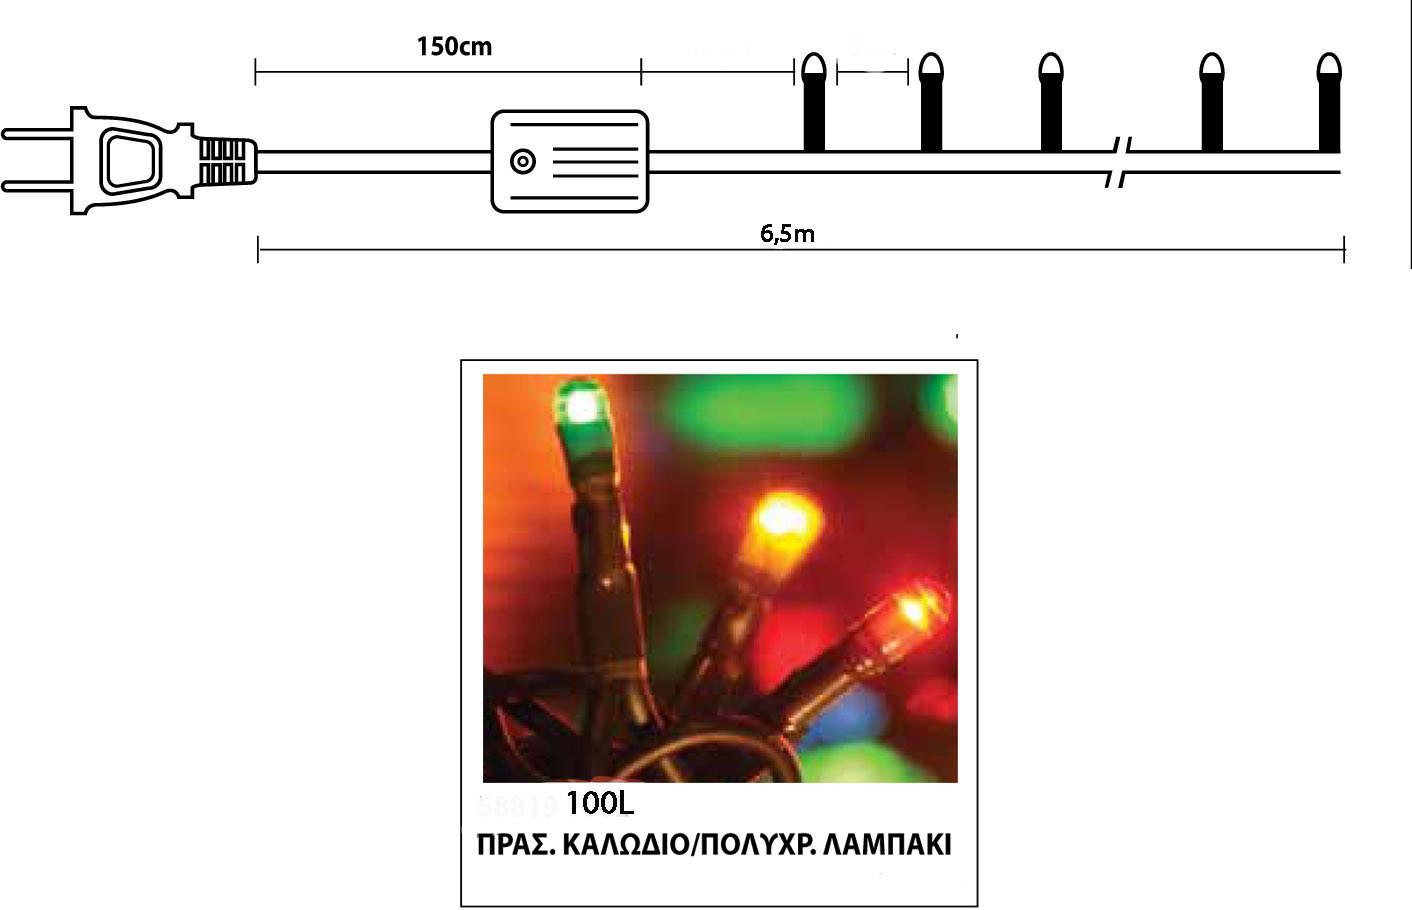 Χριστουγεννιάτικα Φωτάκια με Προγράμματα 100L - Πολύχρωμο (XLAGS10100)